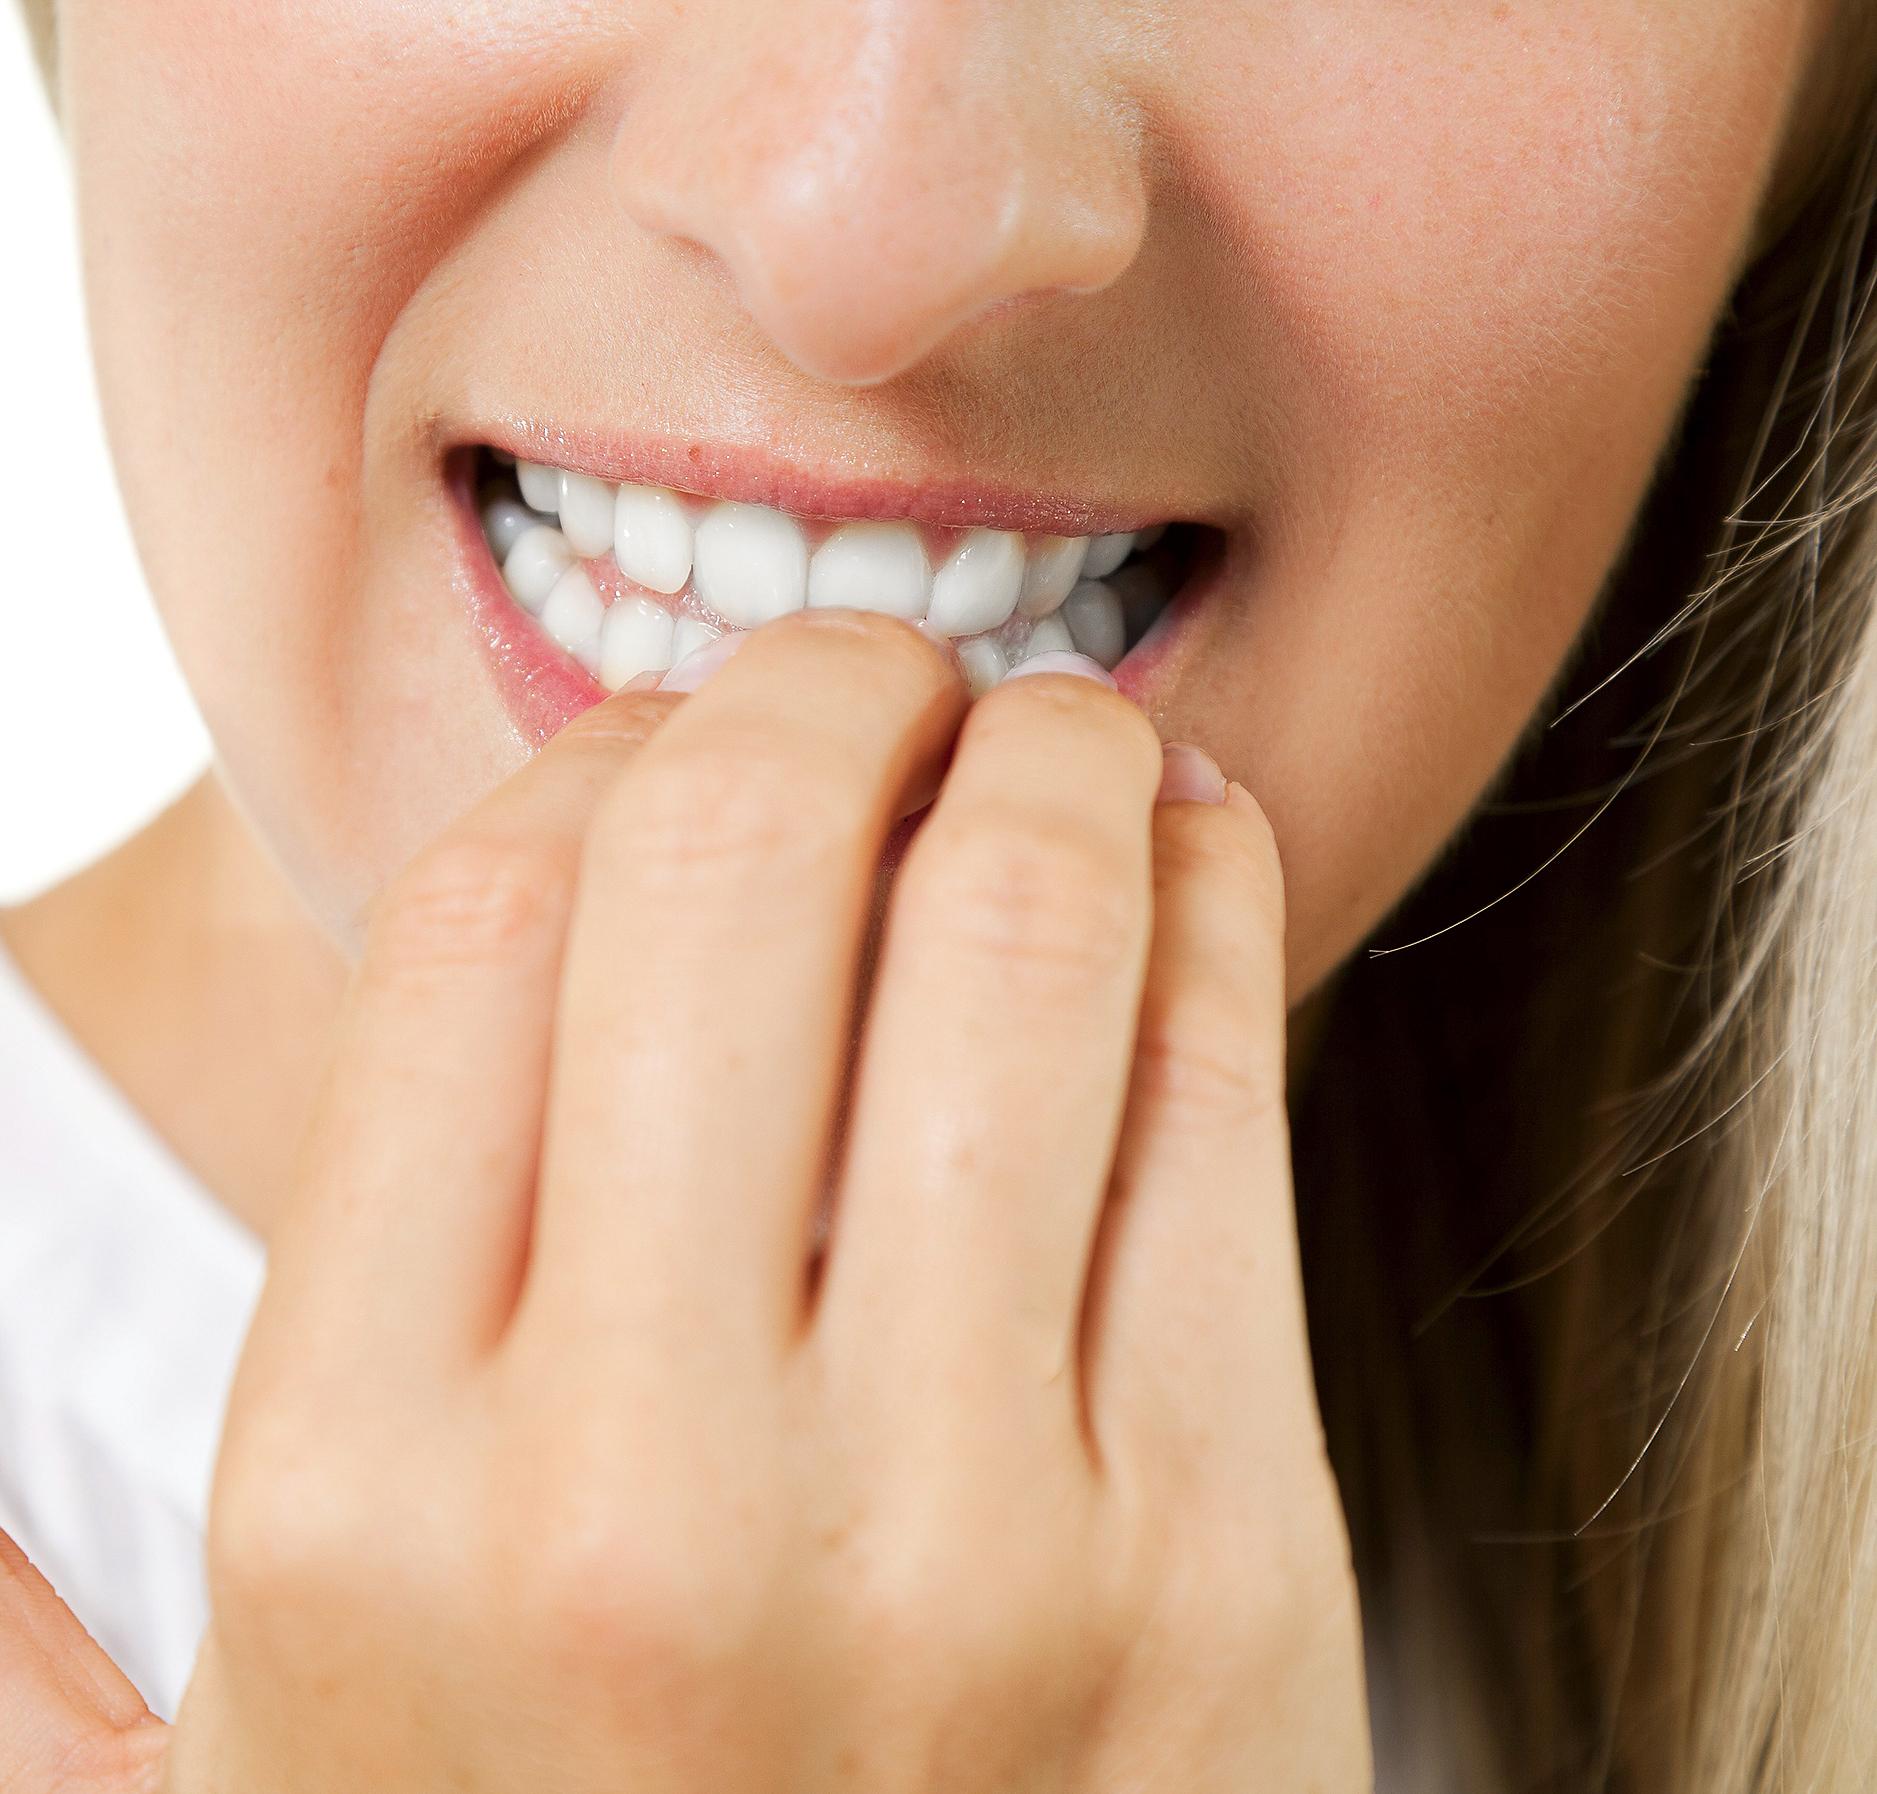 Por qué te muerdes las uñas? | Zen sección | EL MUNDO